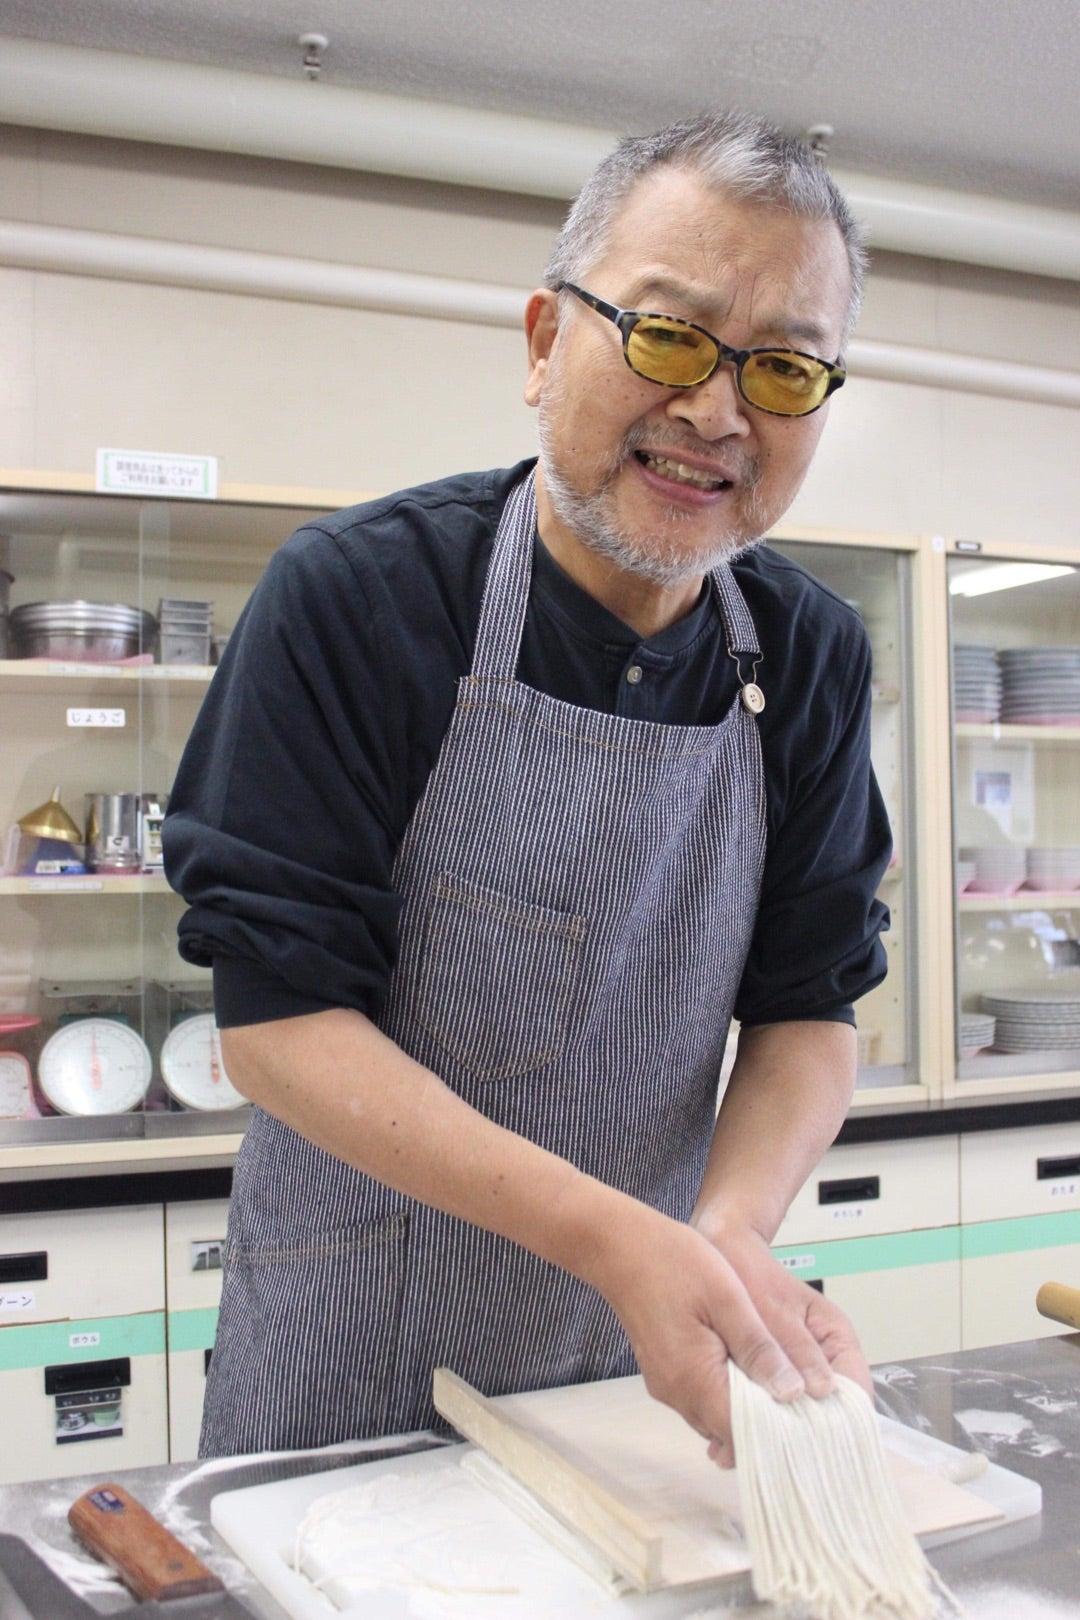 第46回目 更科流巖品派手打蕎麥教室   1119-4195さんのブログ